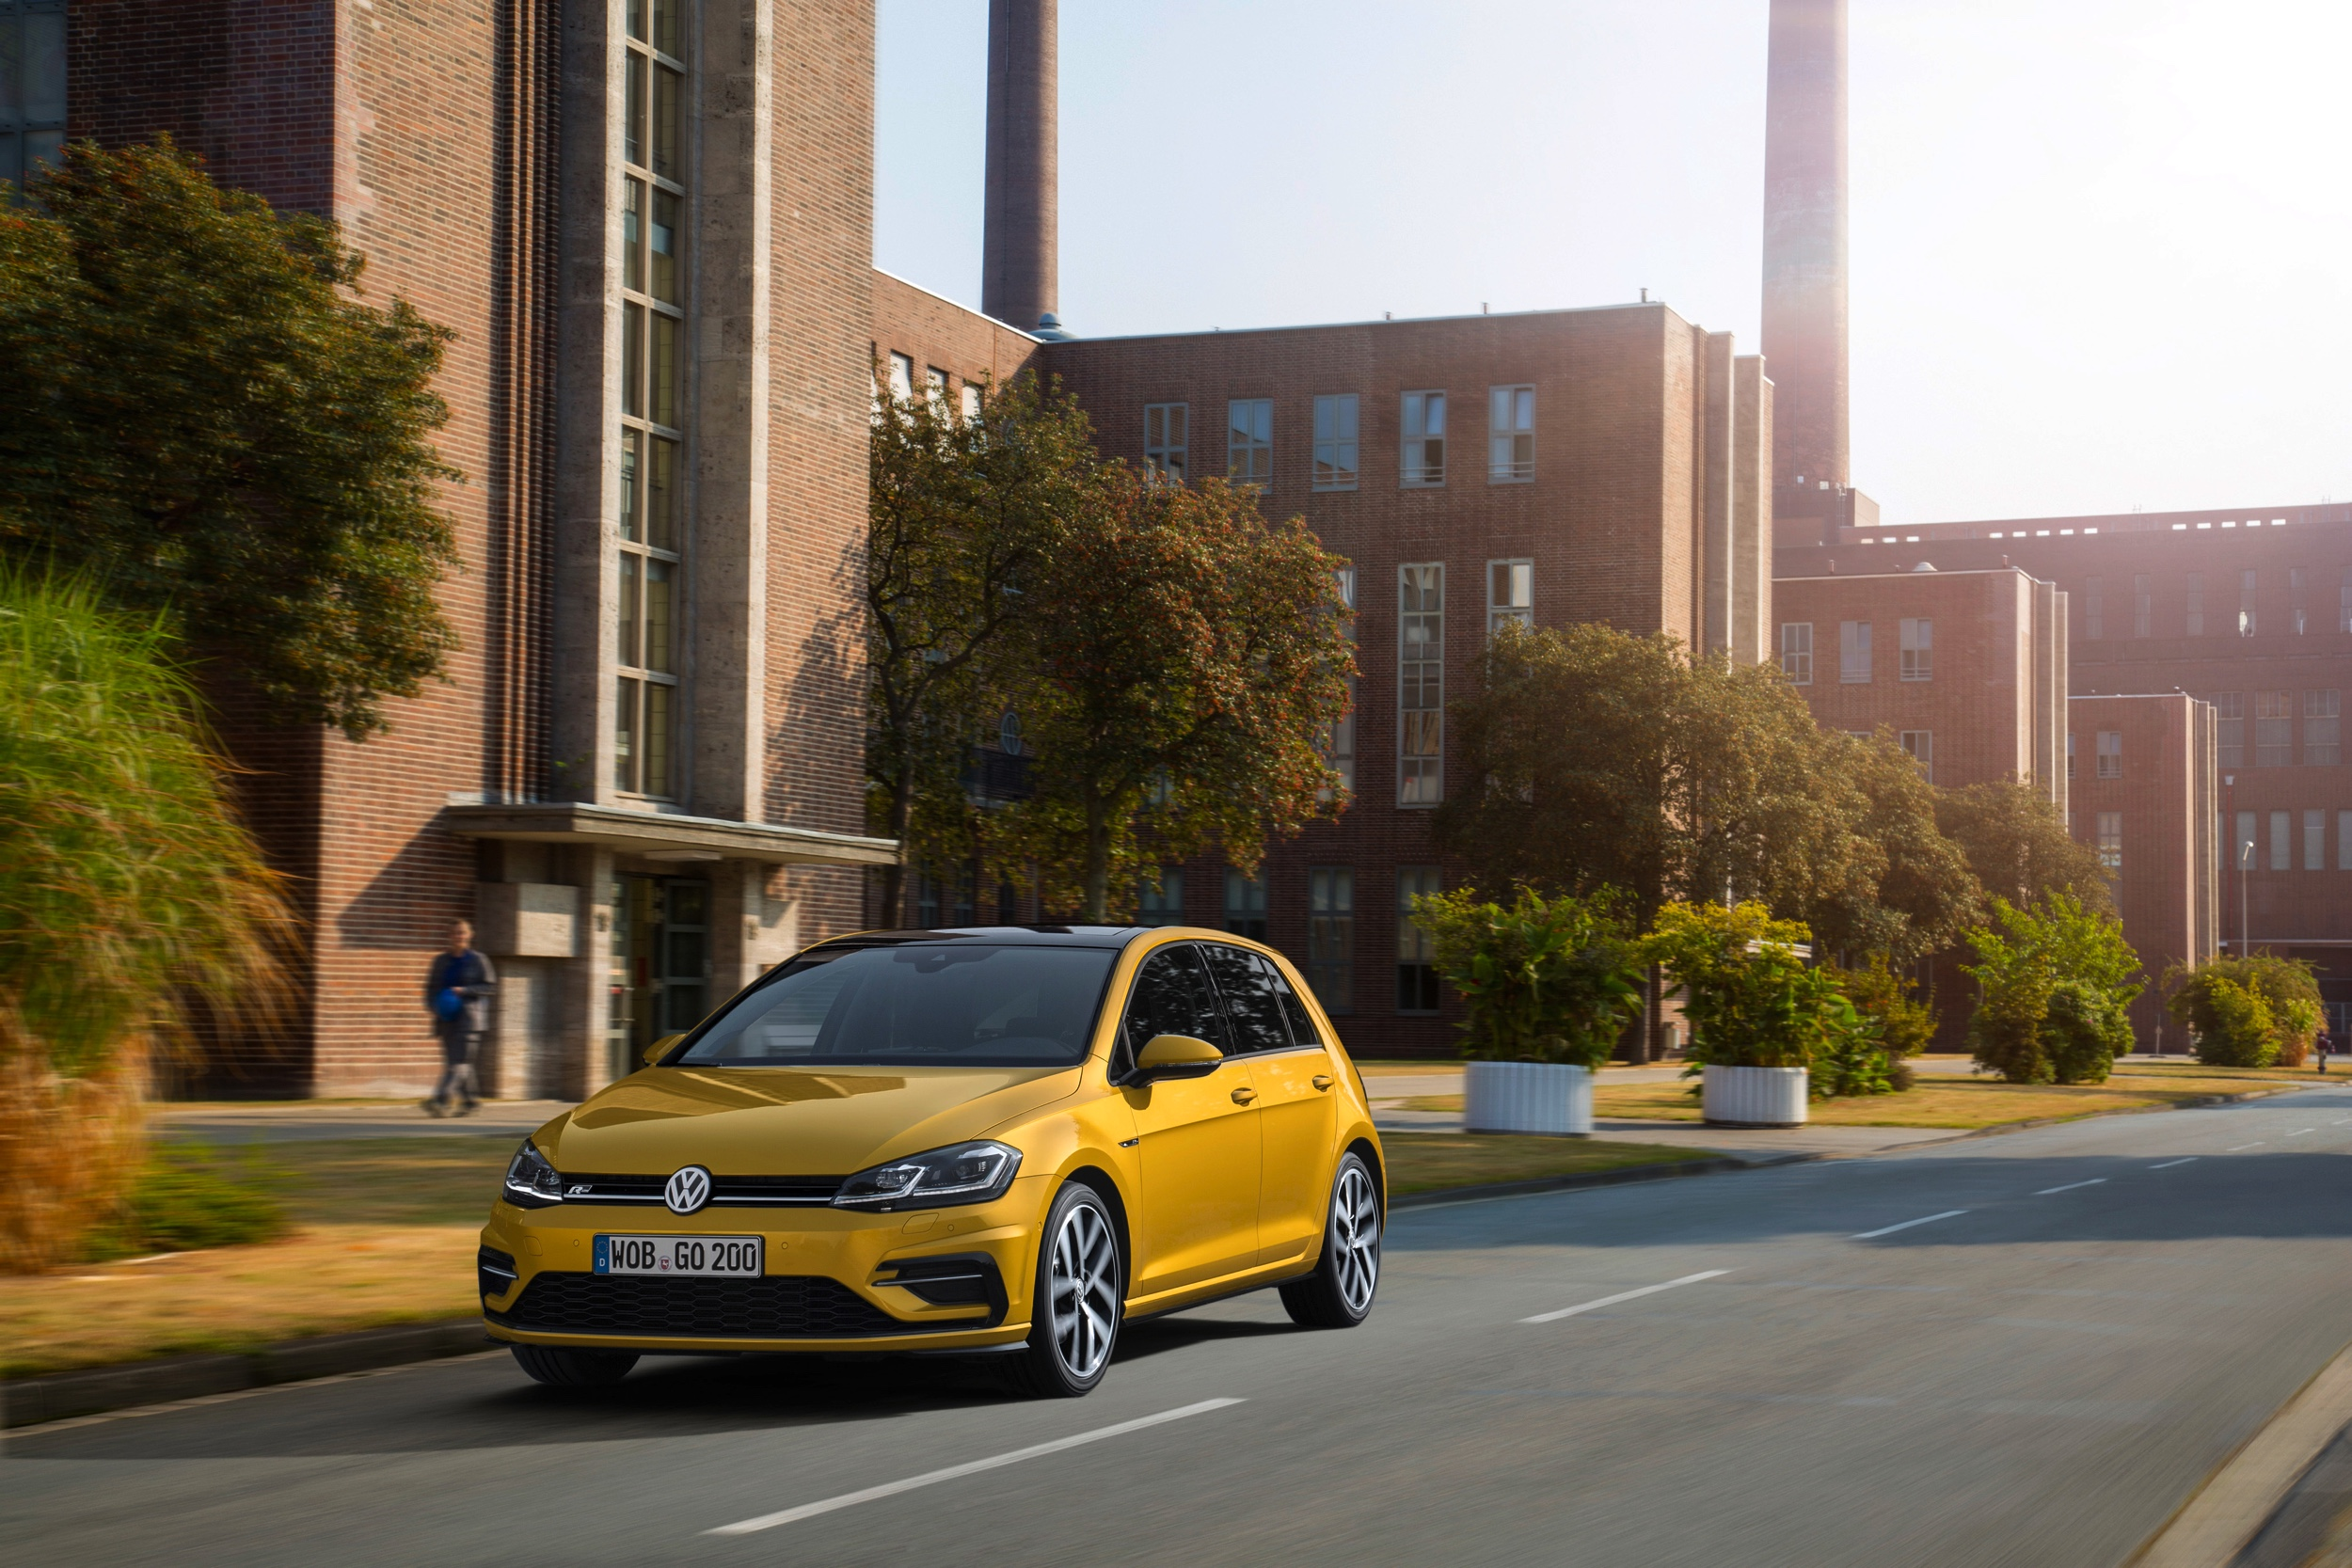 Volkswagen Golf -4- Autovisie.nl